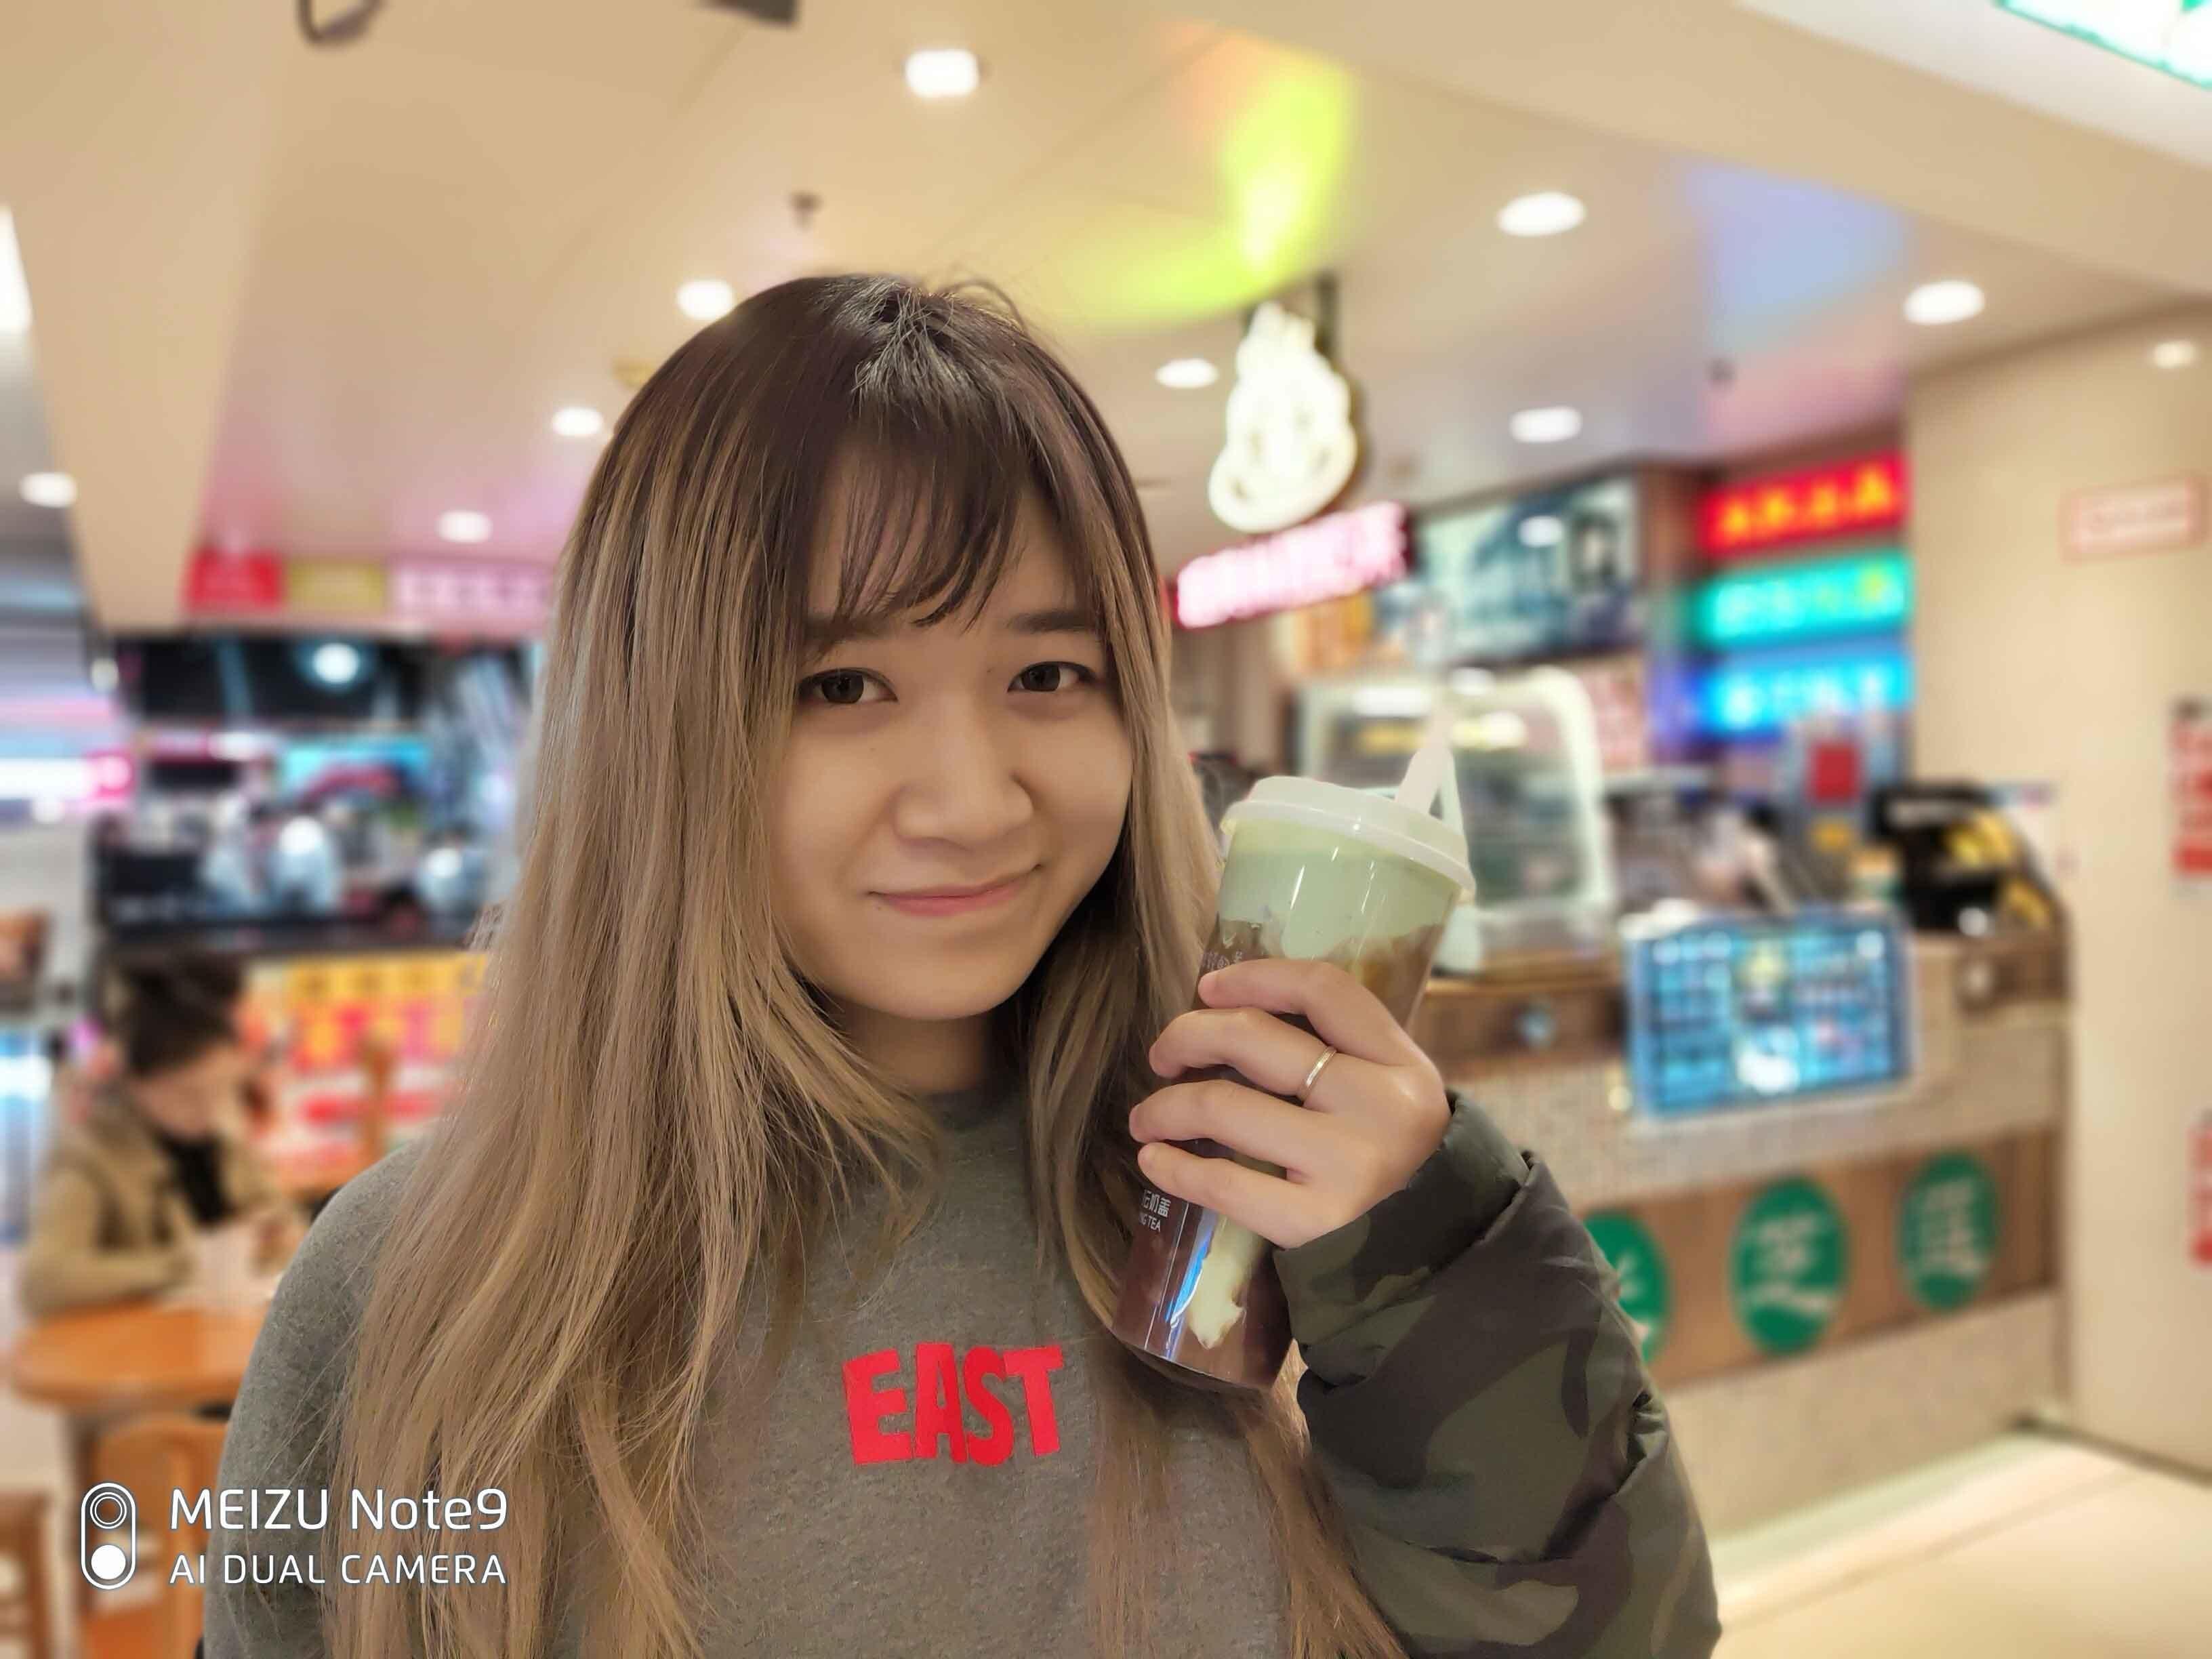 魅族Note9(4+64GB)手机拍照出来的影像图第7张